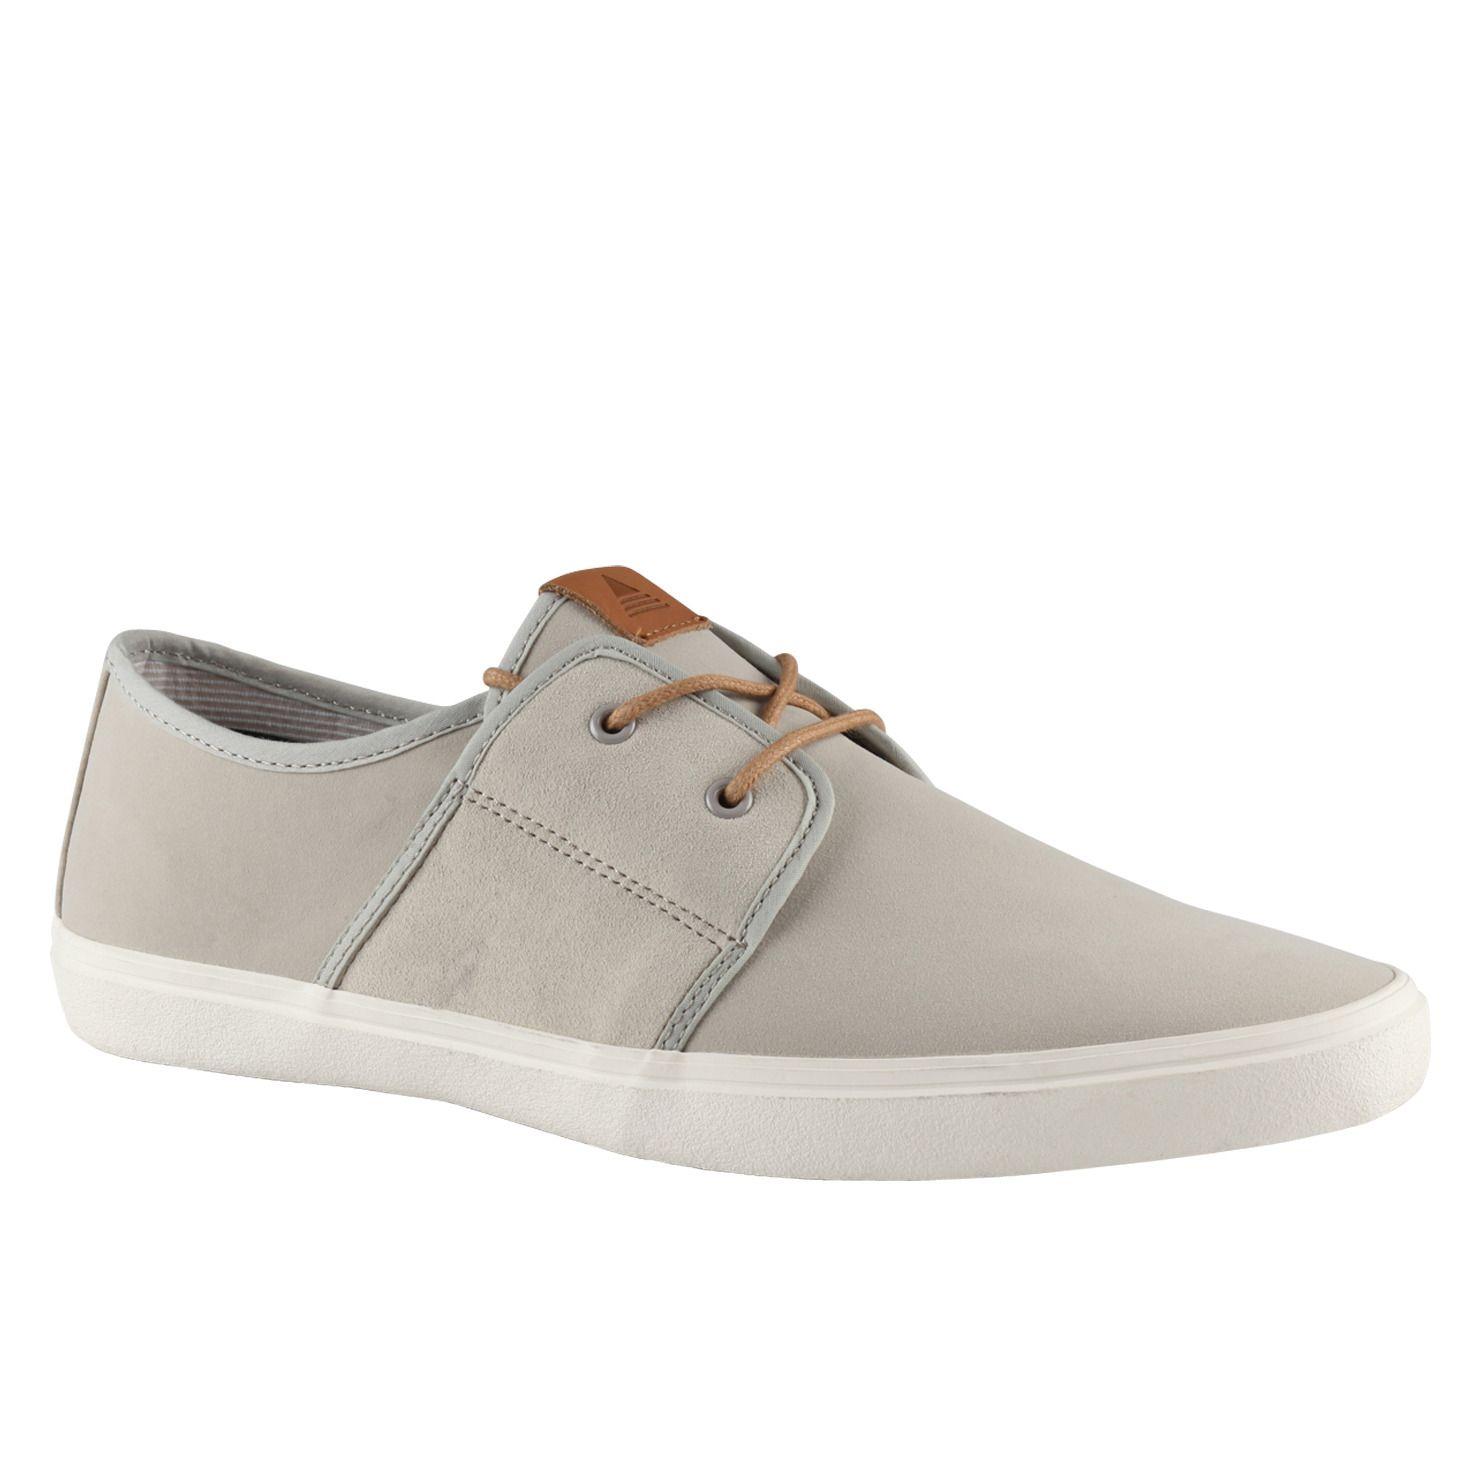 surco eficaz dictador  ADRIC - men's sneakers shoes for sale at ALDO Shoes. | Zapatos nauticos  hombre, Zapatos náuticos y Zapatos sandalias